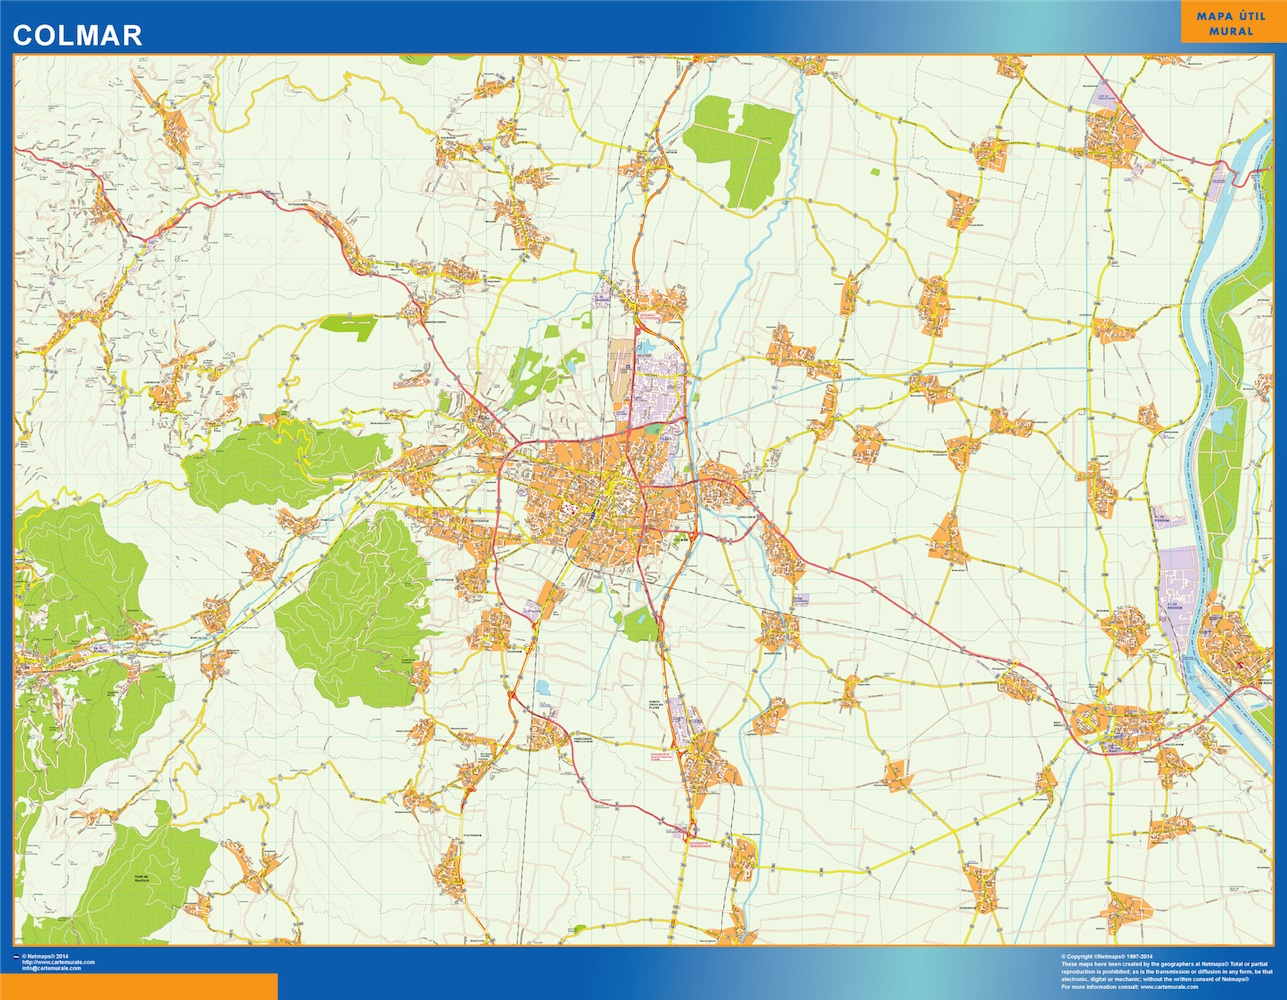 Mapa Colmar en Francia plastificado gigante